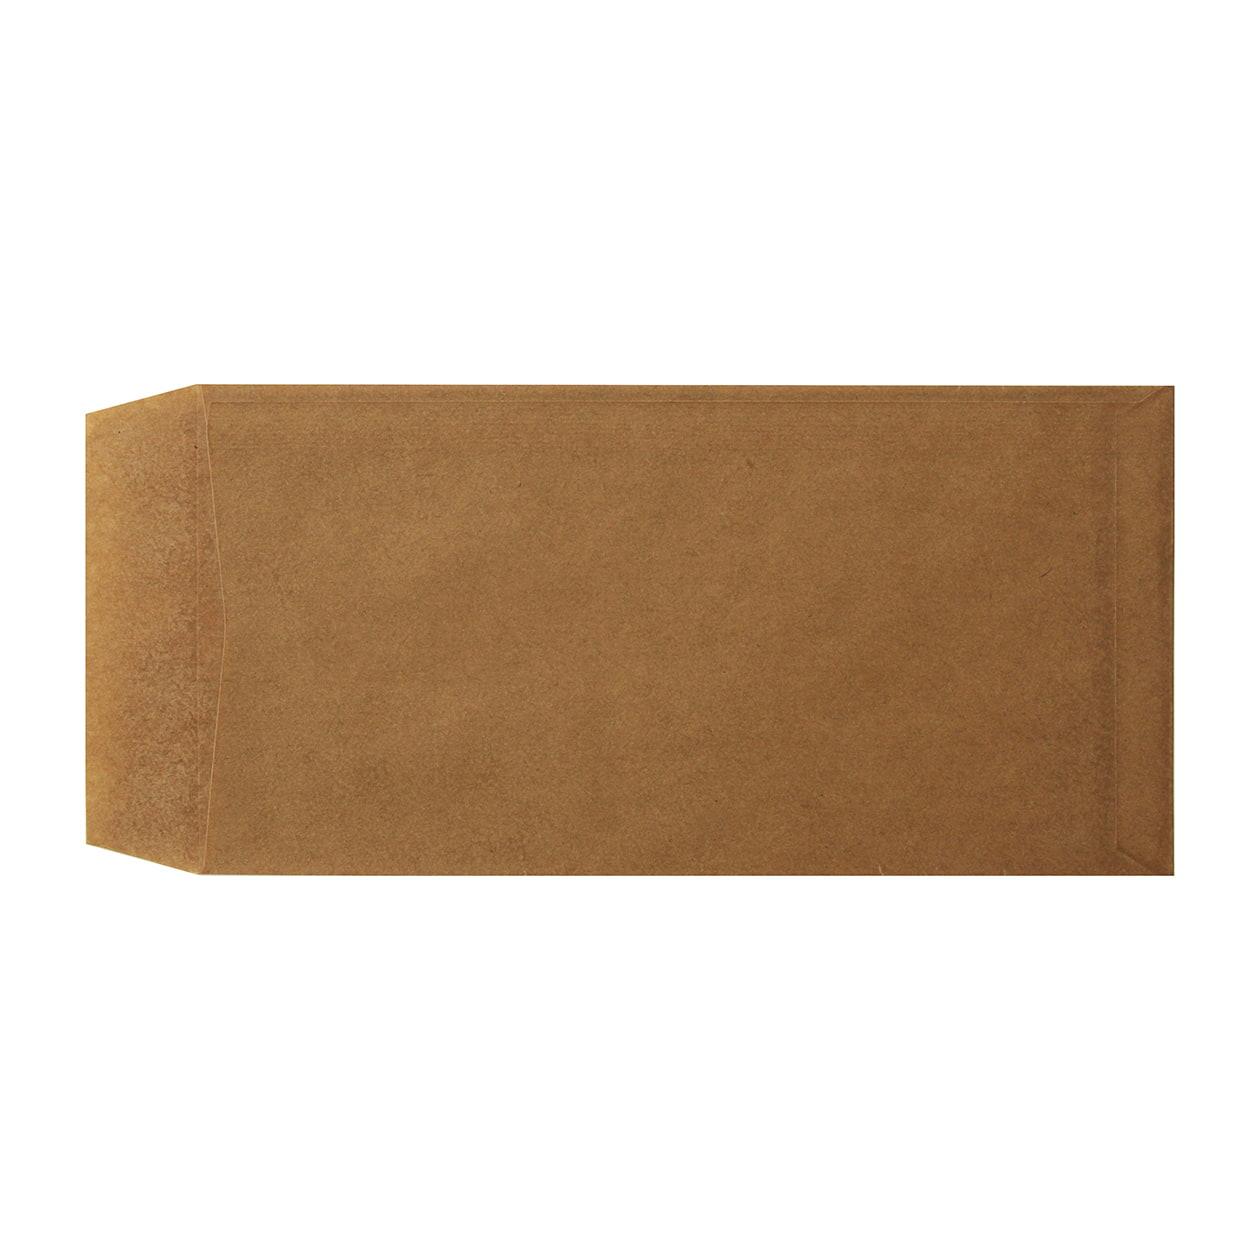 サンプル 封筒・袋 00001